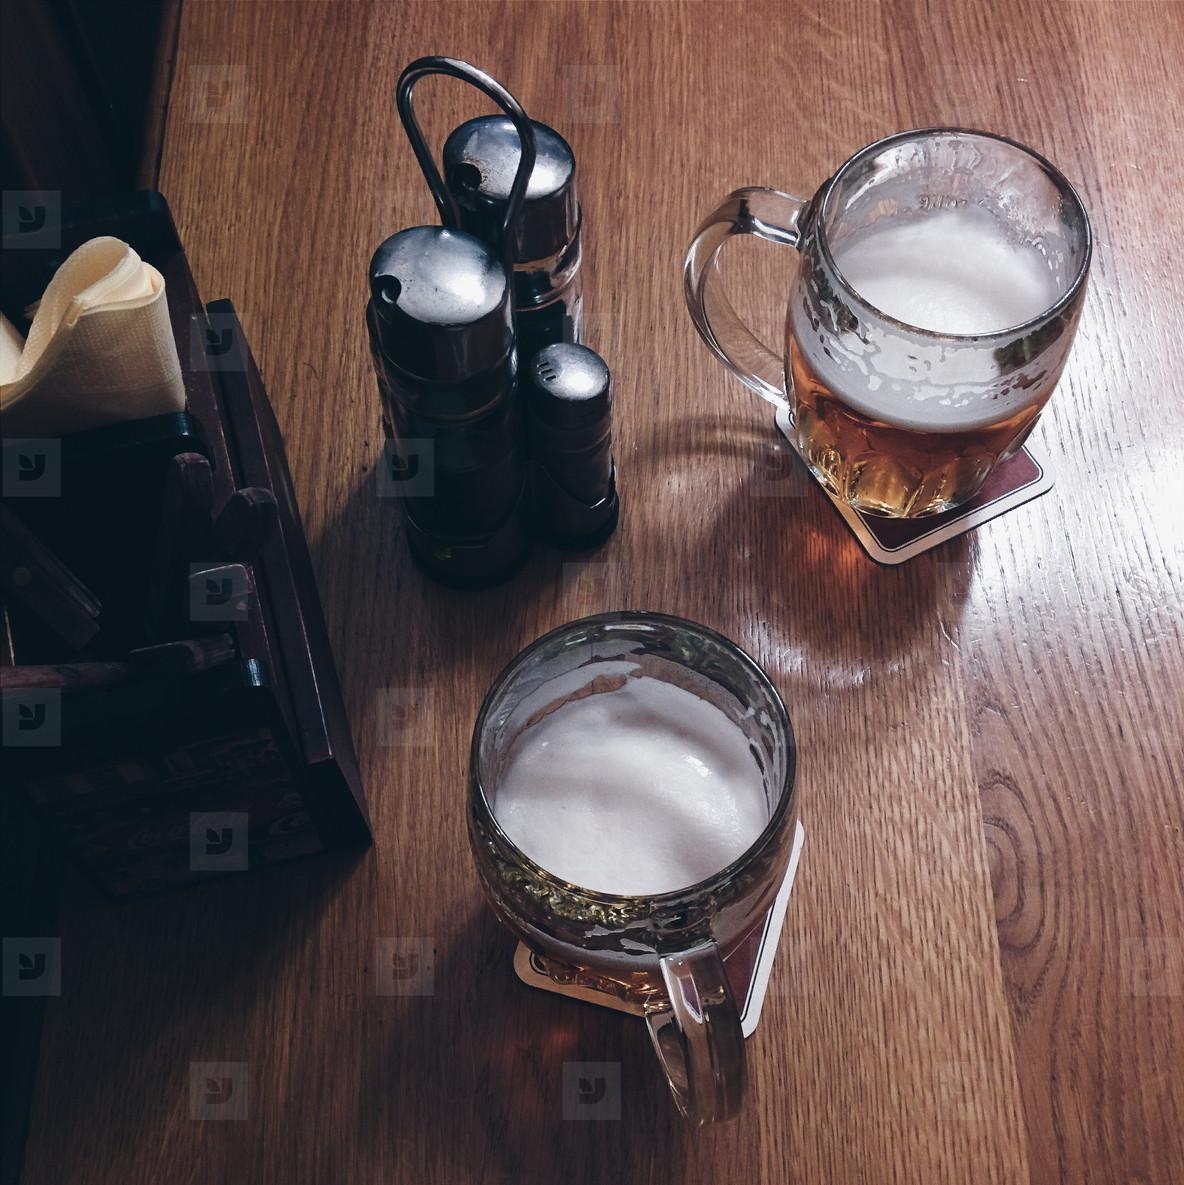 Having beer in restaurant